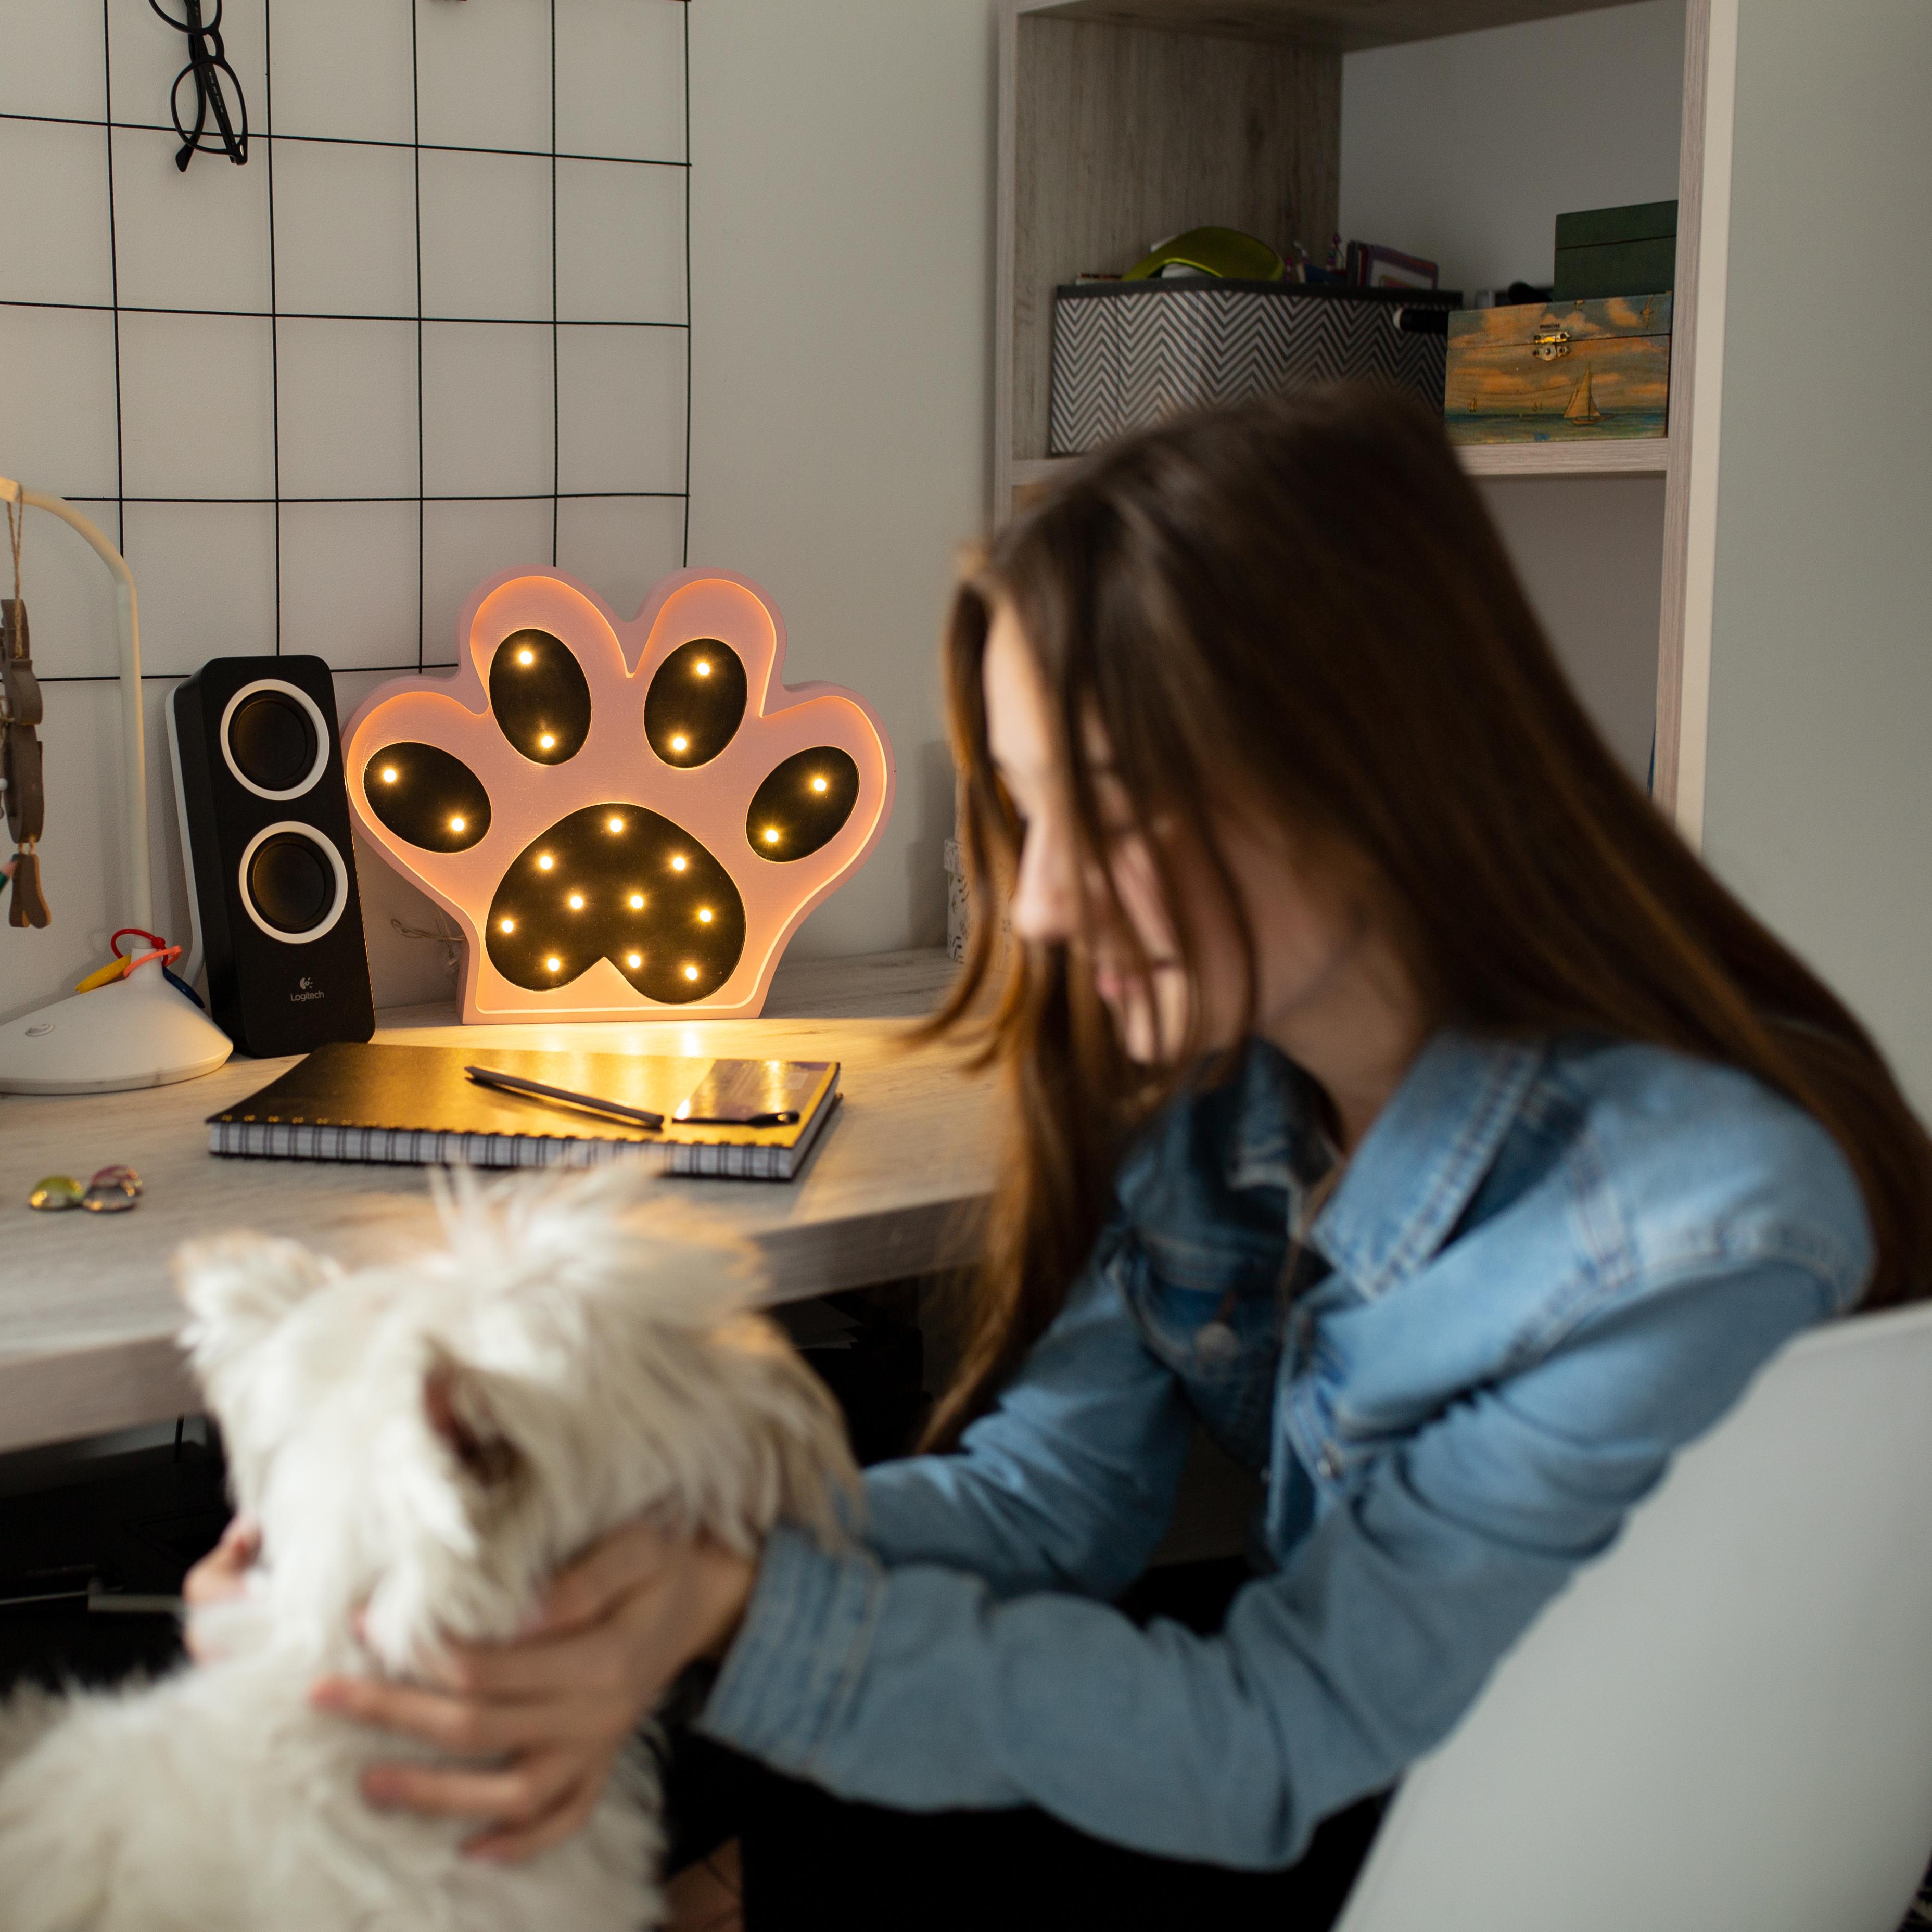 apka 5 - Lampa dla dzieci psia łapka